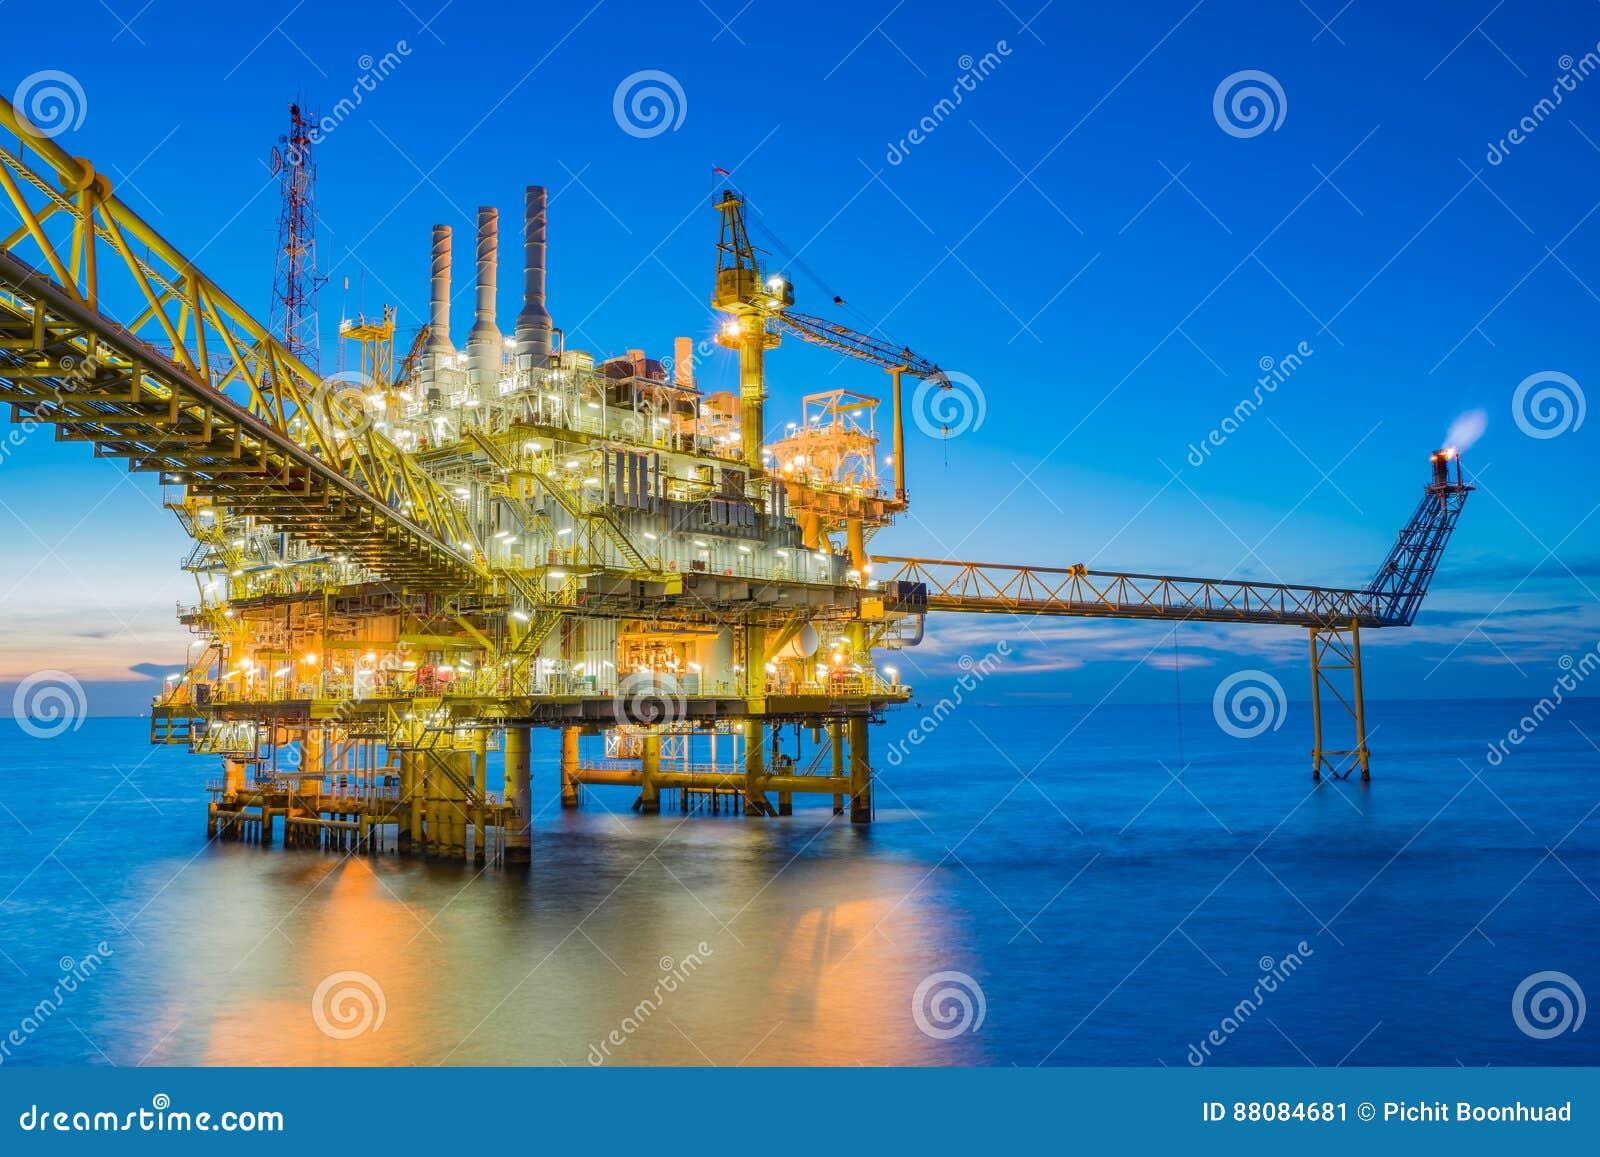 Πλατφόρμα επεξεργασίας πετρελαίου και φυσικού αερίου που παράγουν το αέριο ελαίου και νερό που στέλνεται